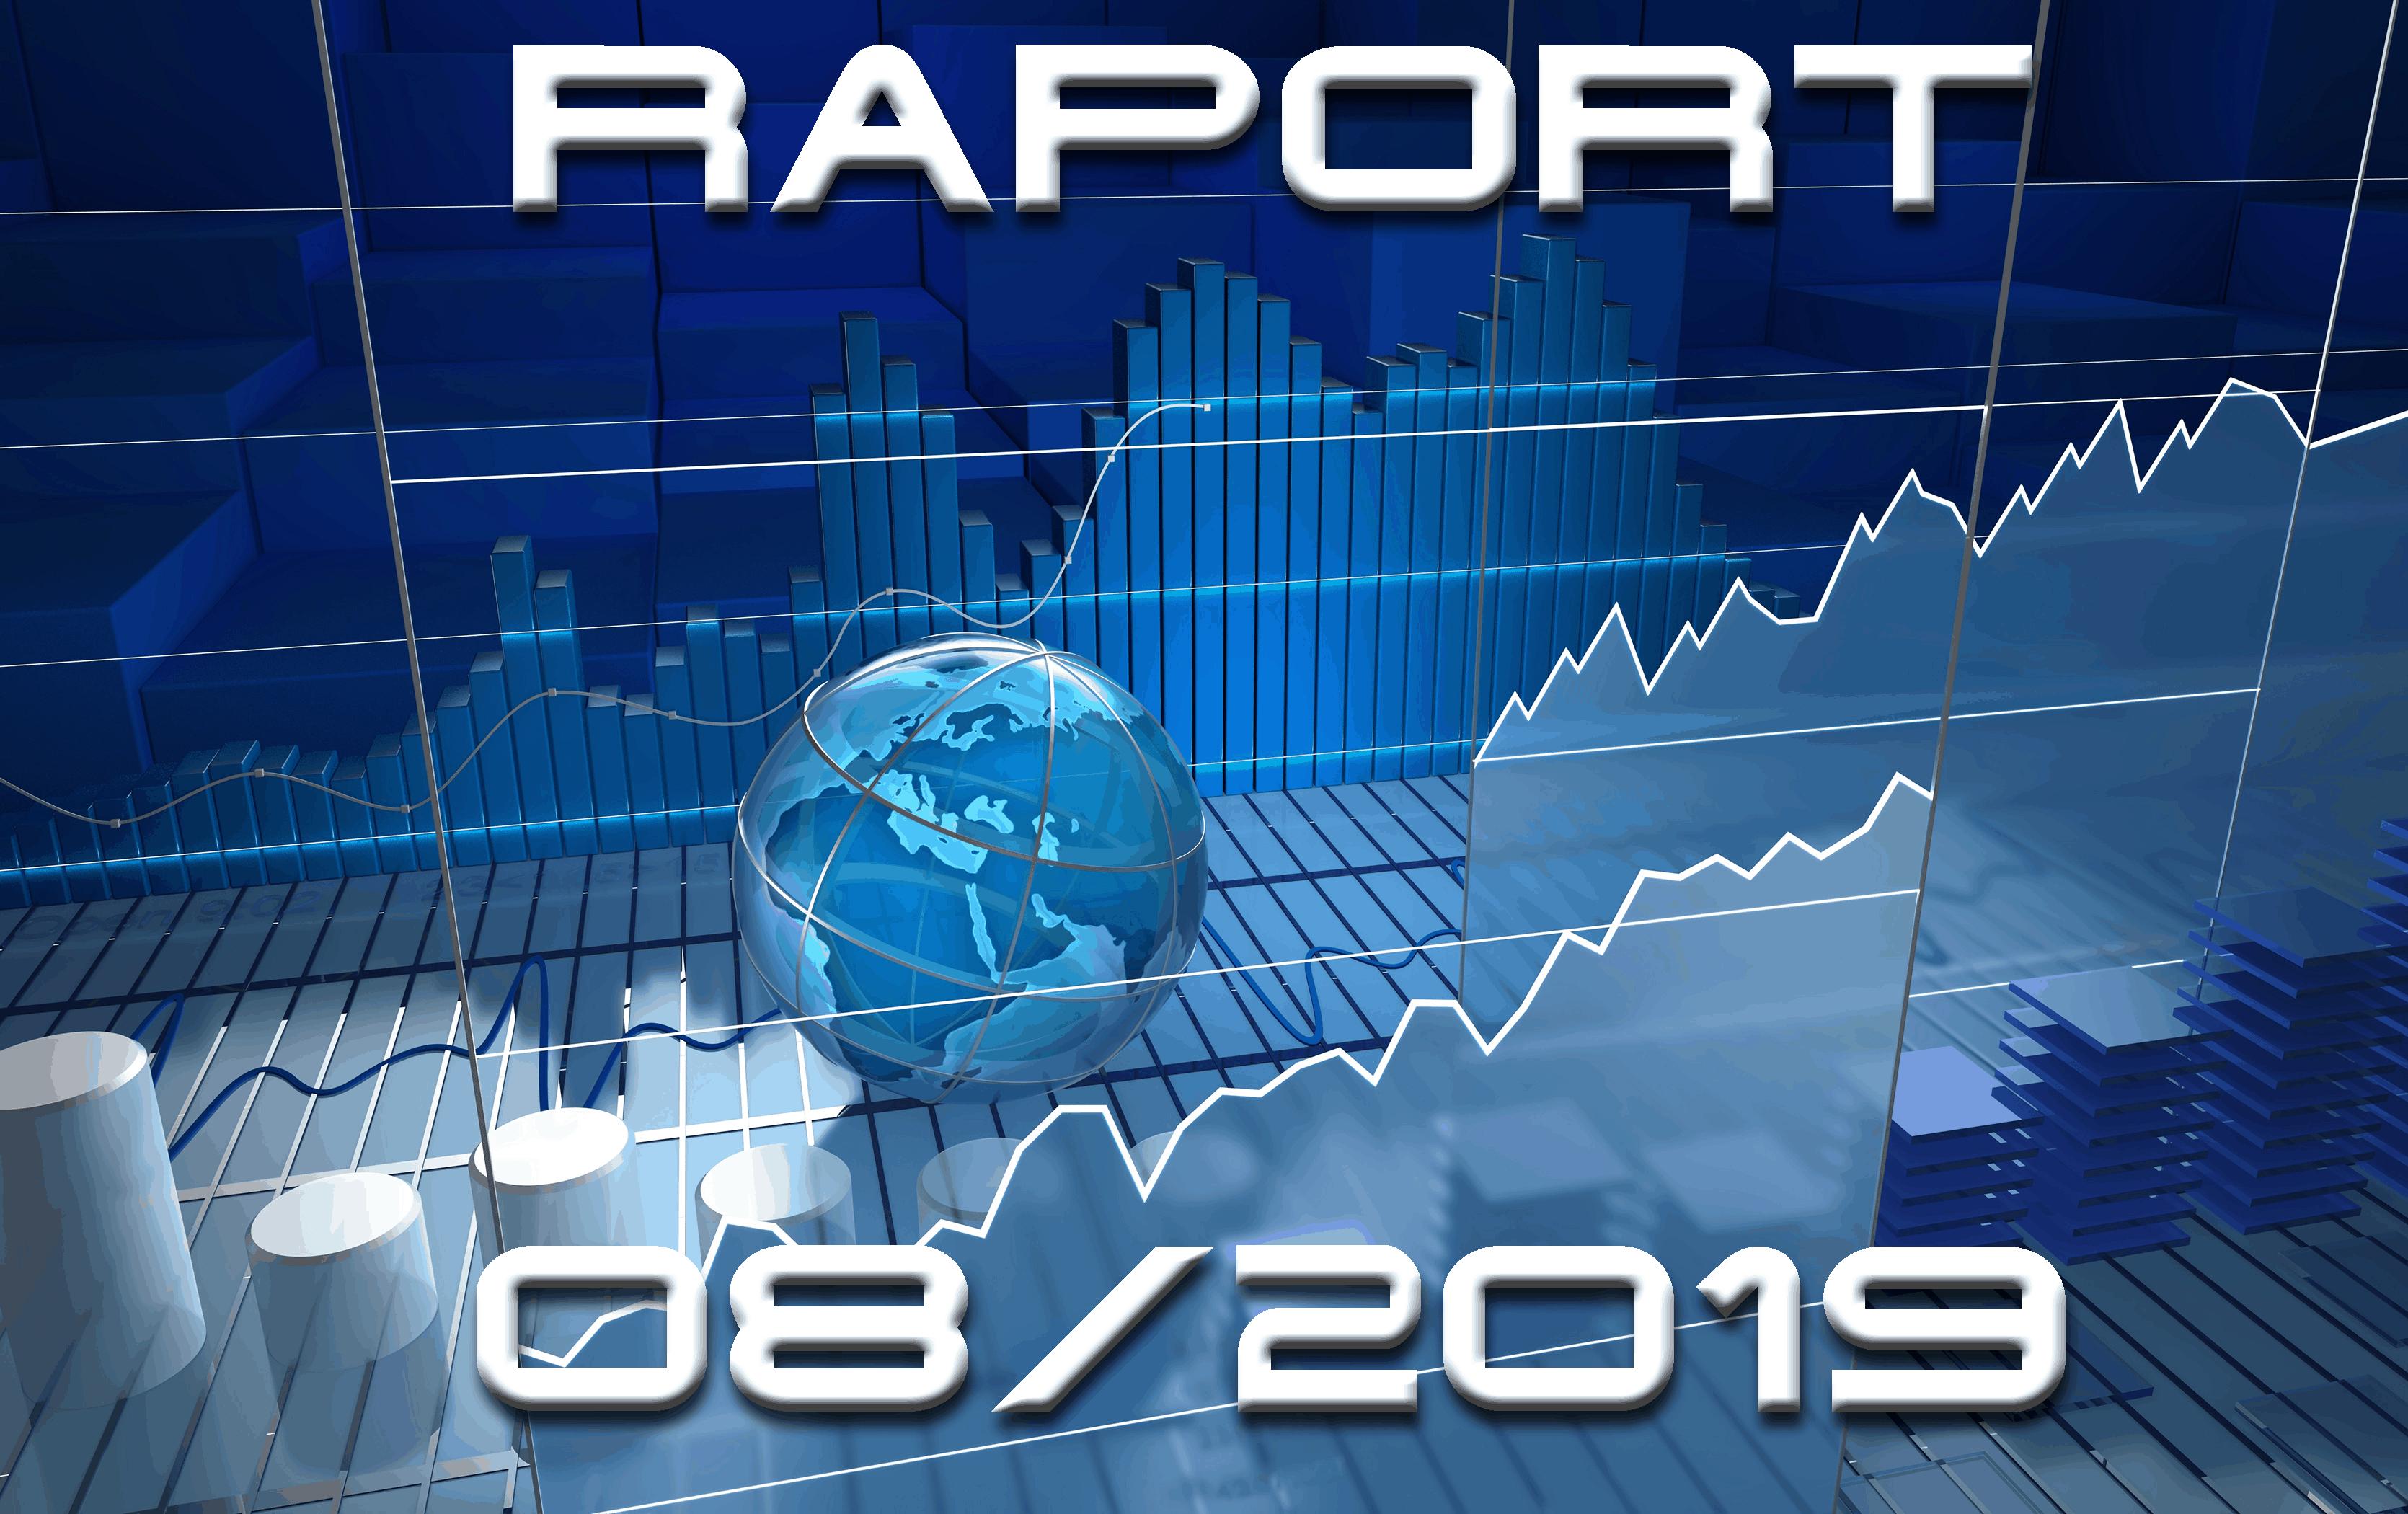 intraday'owa statystyka - raport sierpień 2019